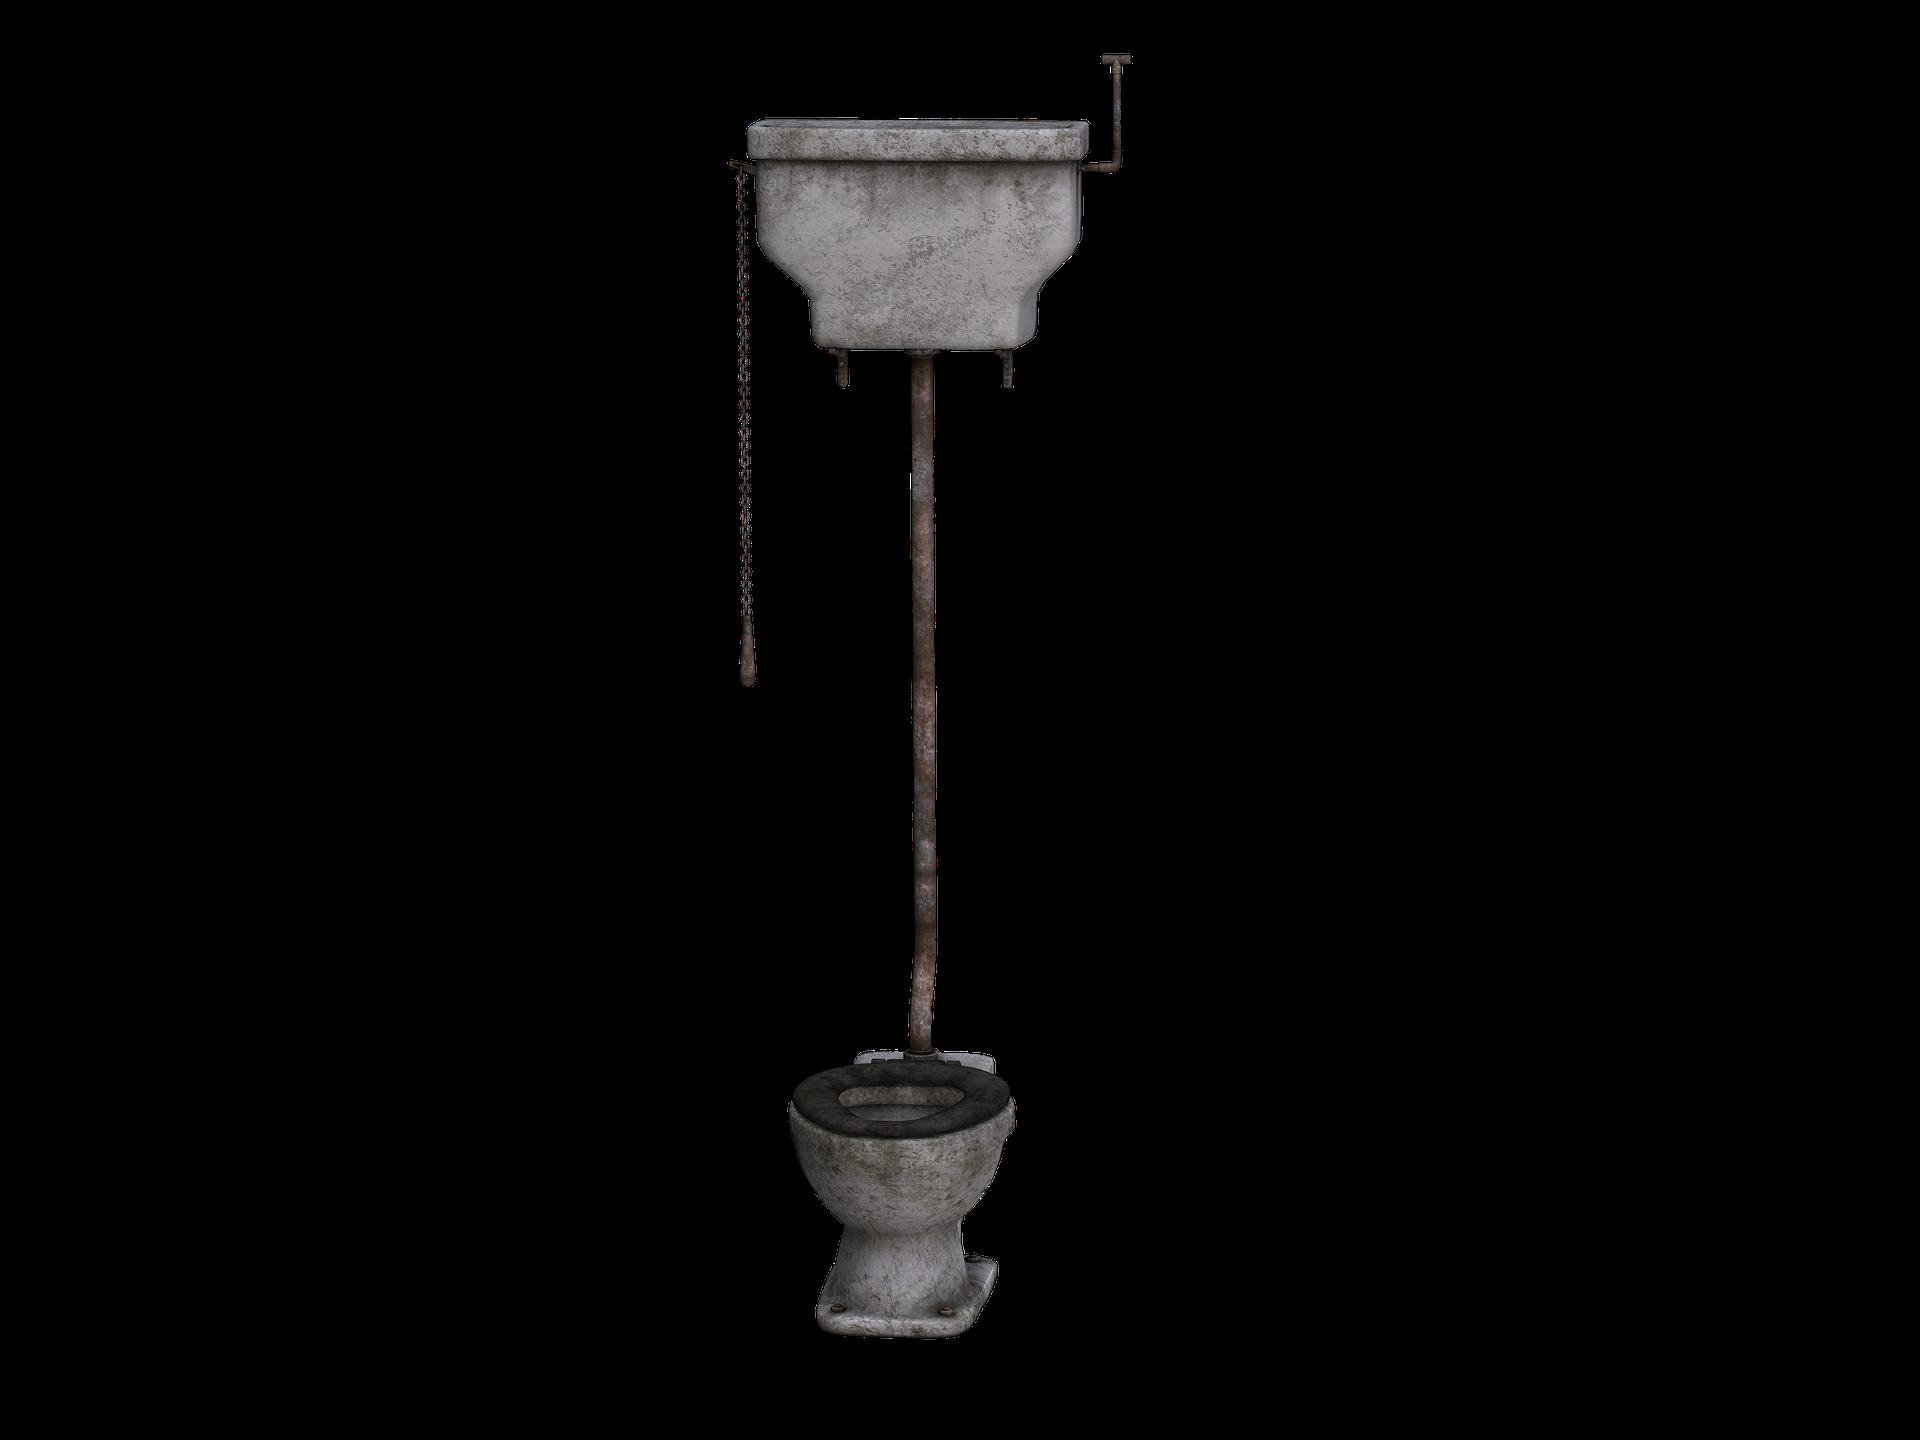 Water Trekt Weg Uit Wc.Nn Krijgt Terecht Argwaan Bij Tweede Pruik Die In Het Toilet